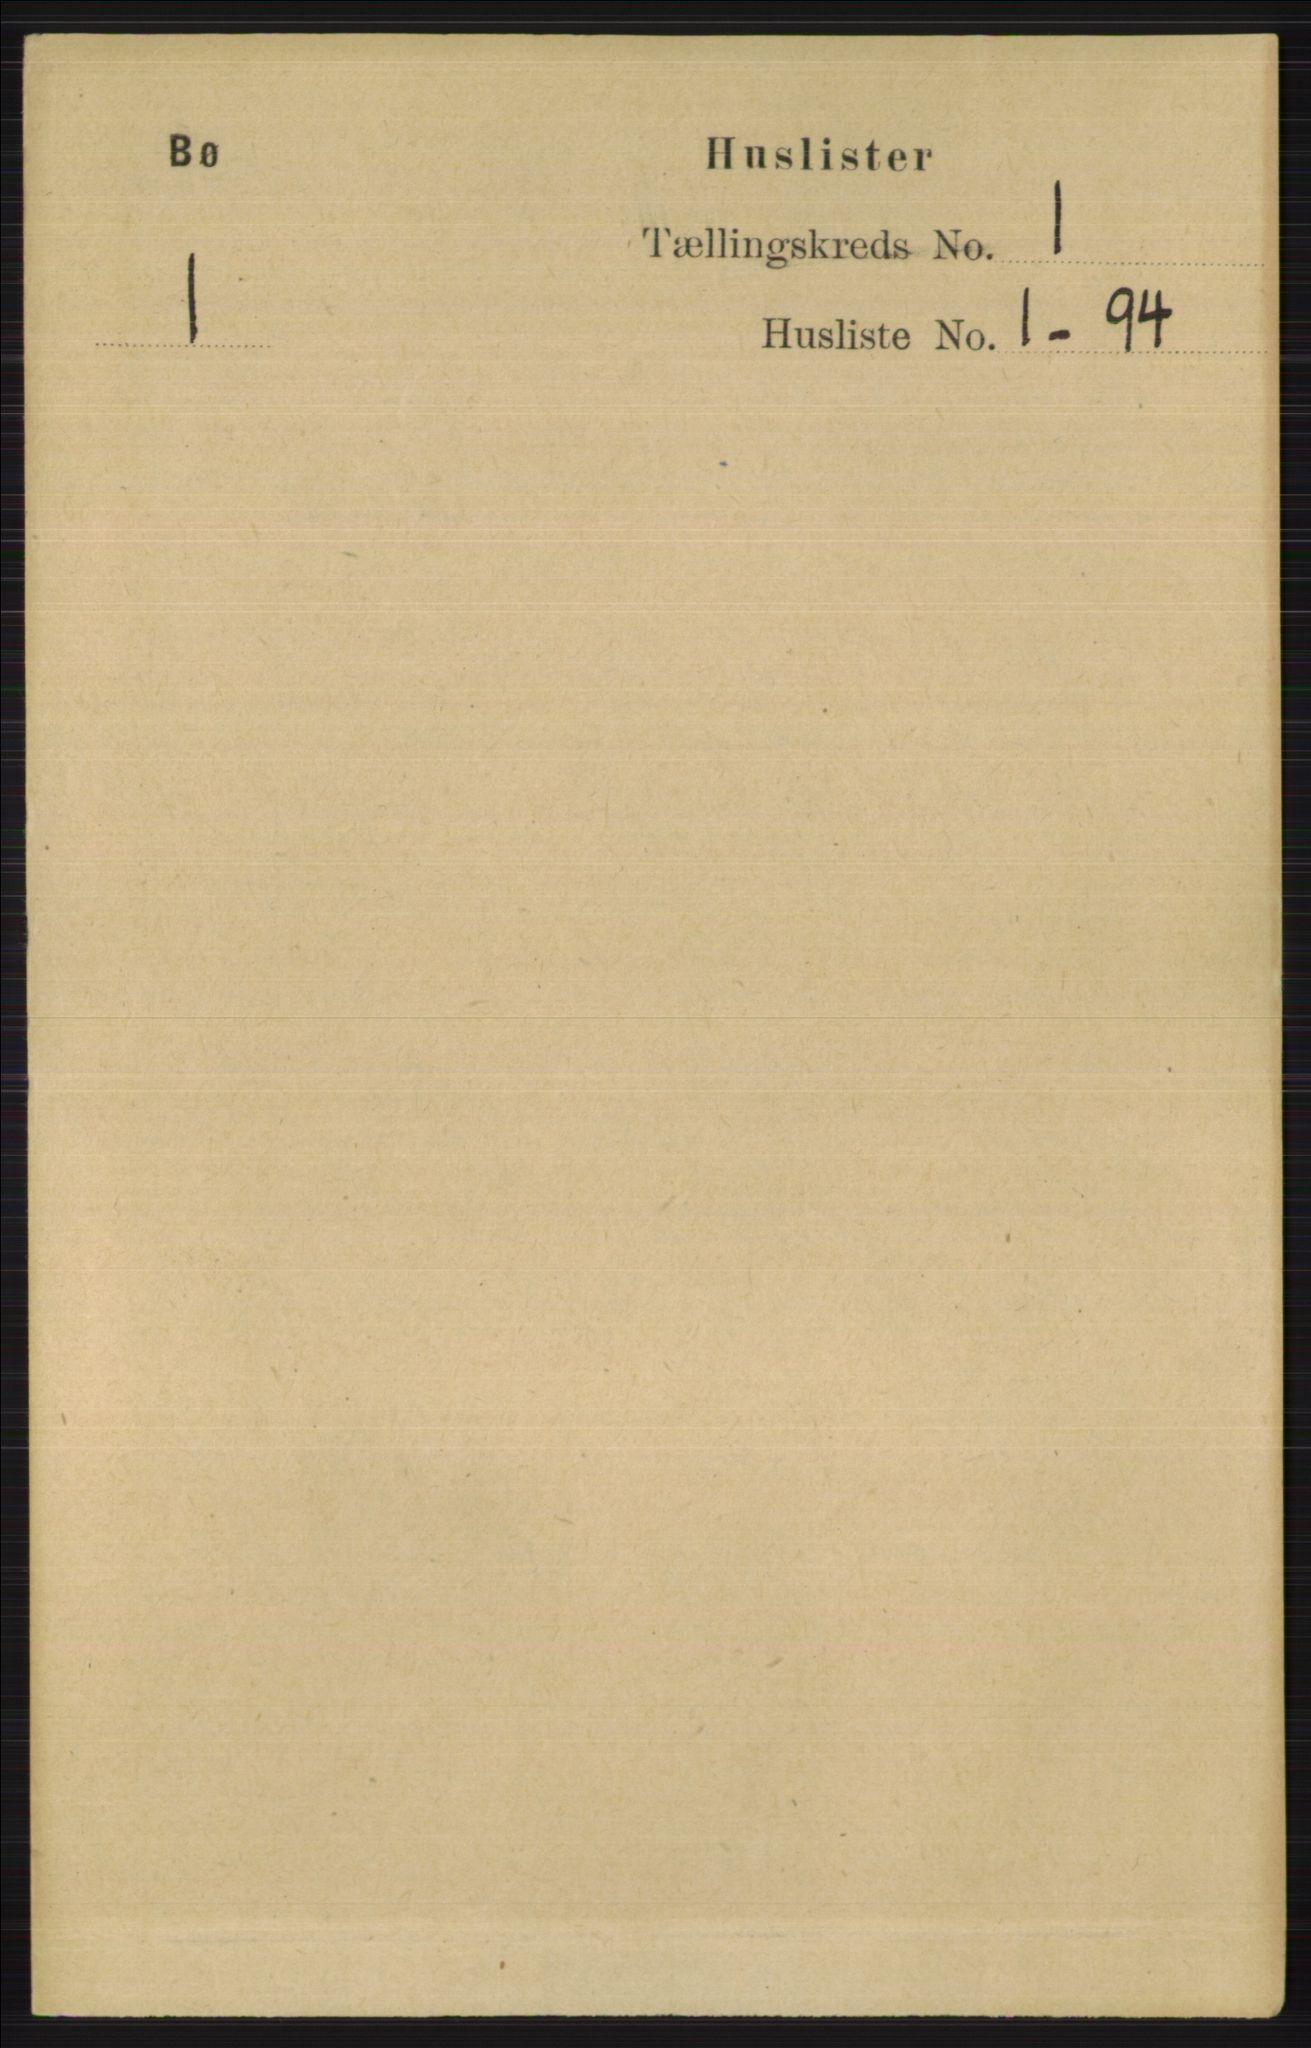 RA, Folketelling 1891 for 0821 Bø herred, 1891, s. 25